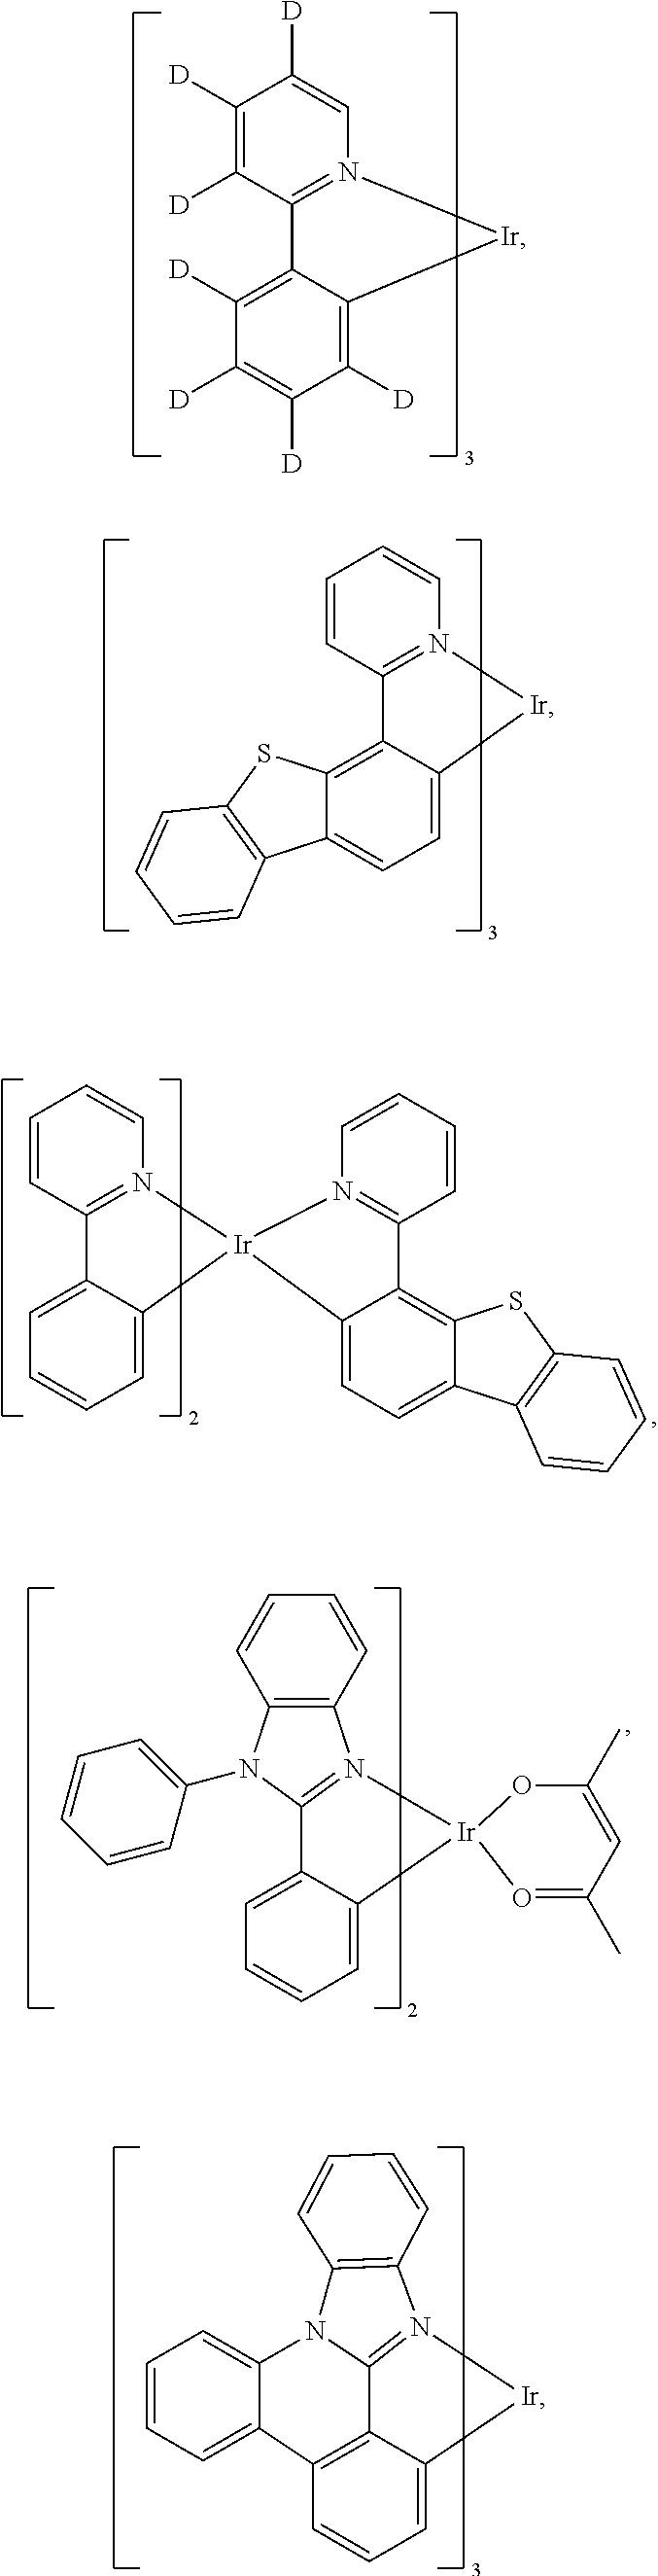 Figure US20180076393A1-20180315-C00101